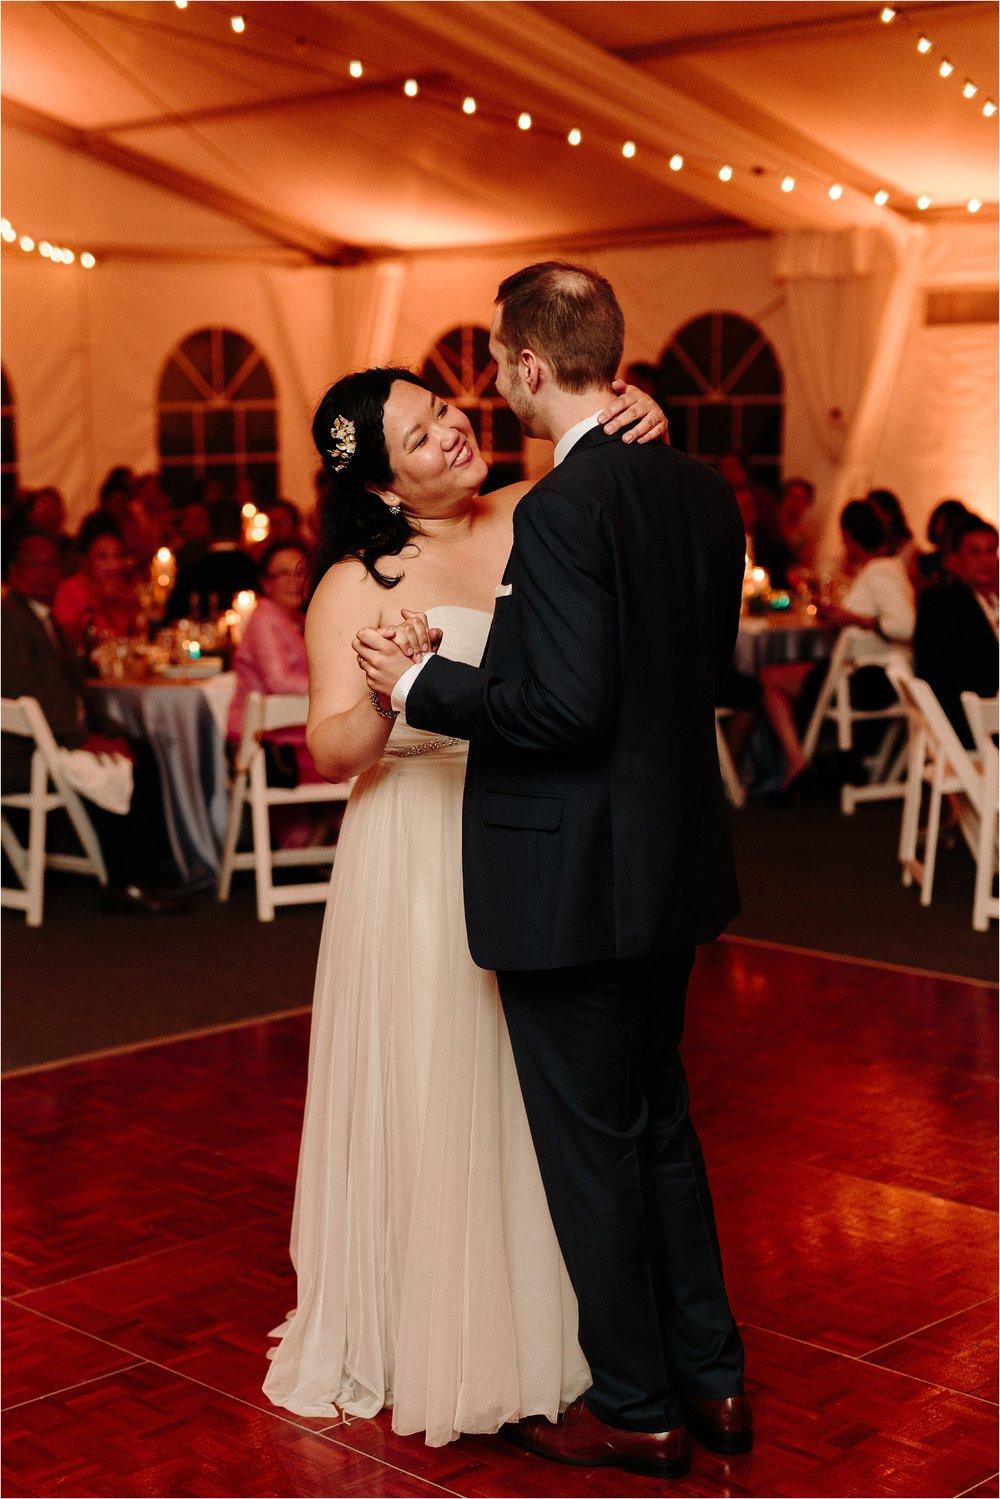 Chicago-Marriott-Schaumburg-Wedding-176.jpg